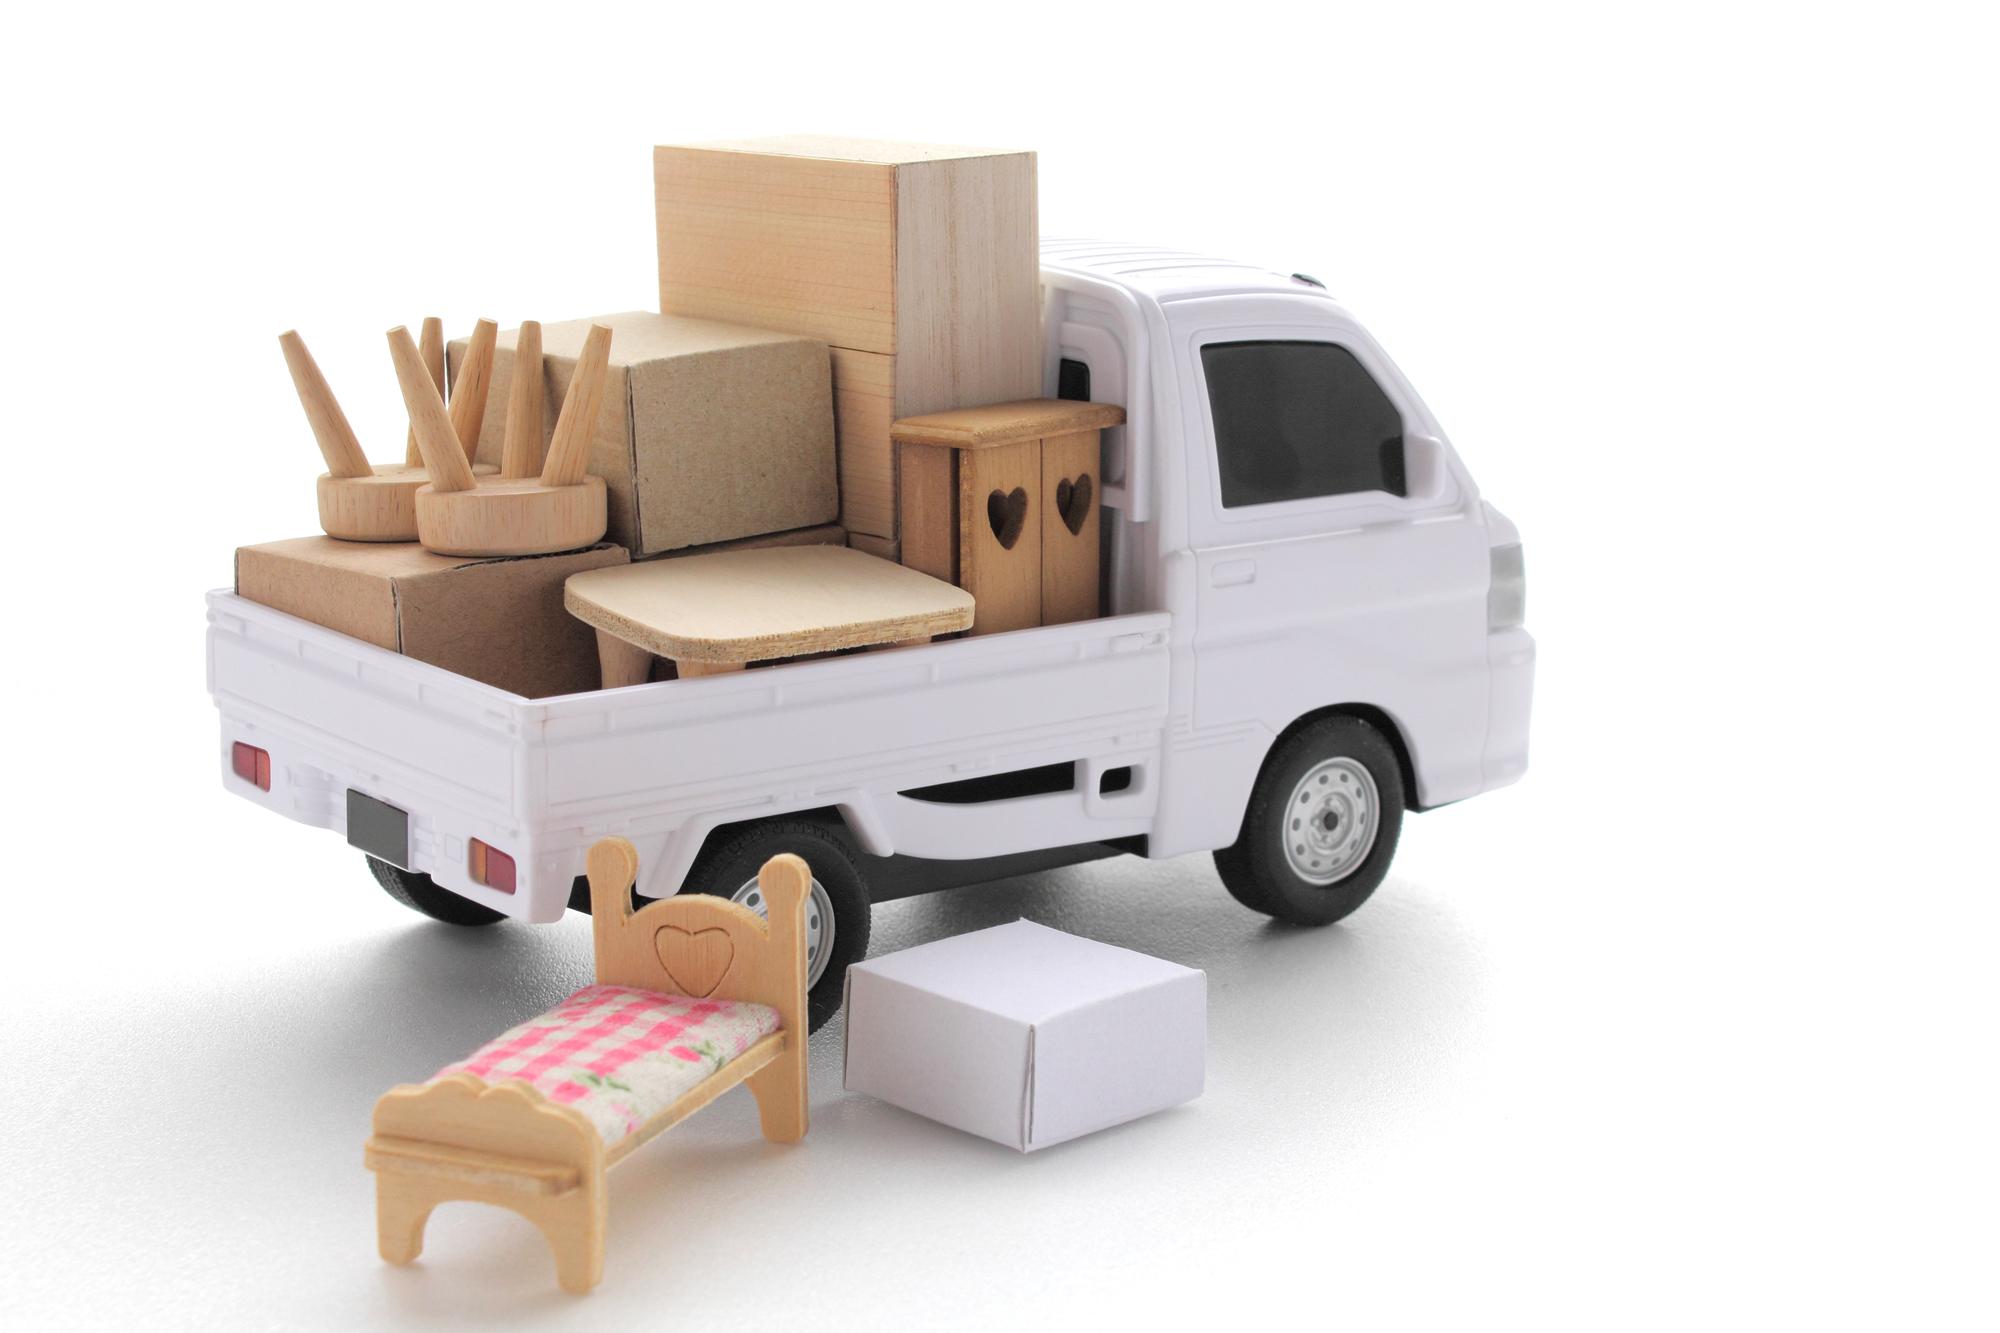 意外と困る・・・引越しで大型家具を運ぶ時に準備すること